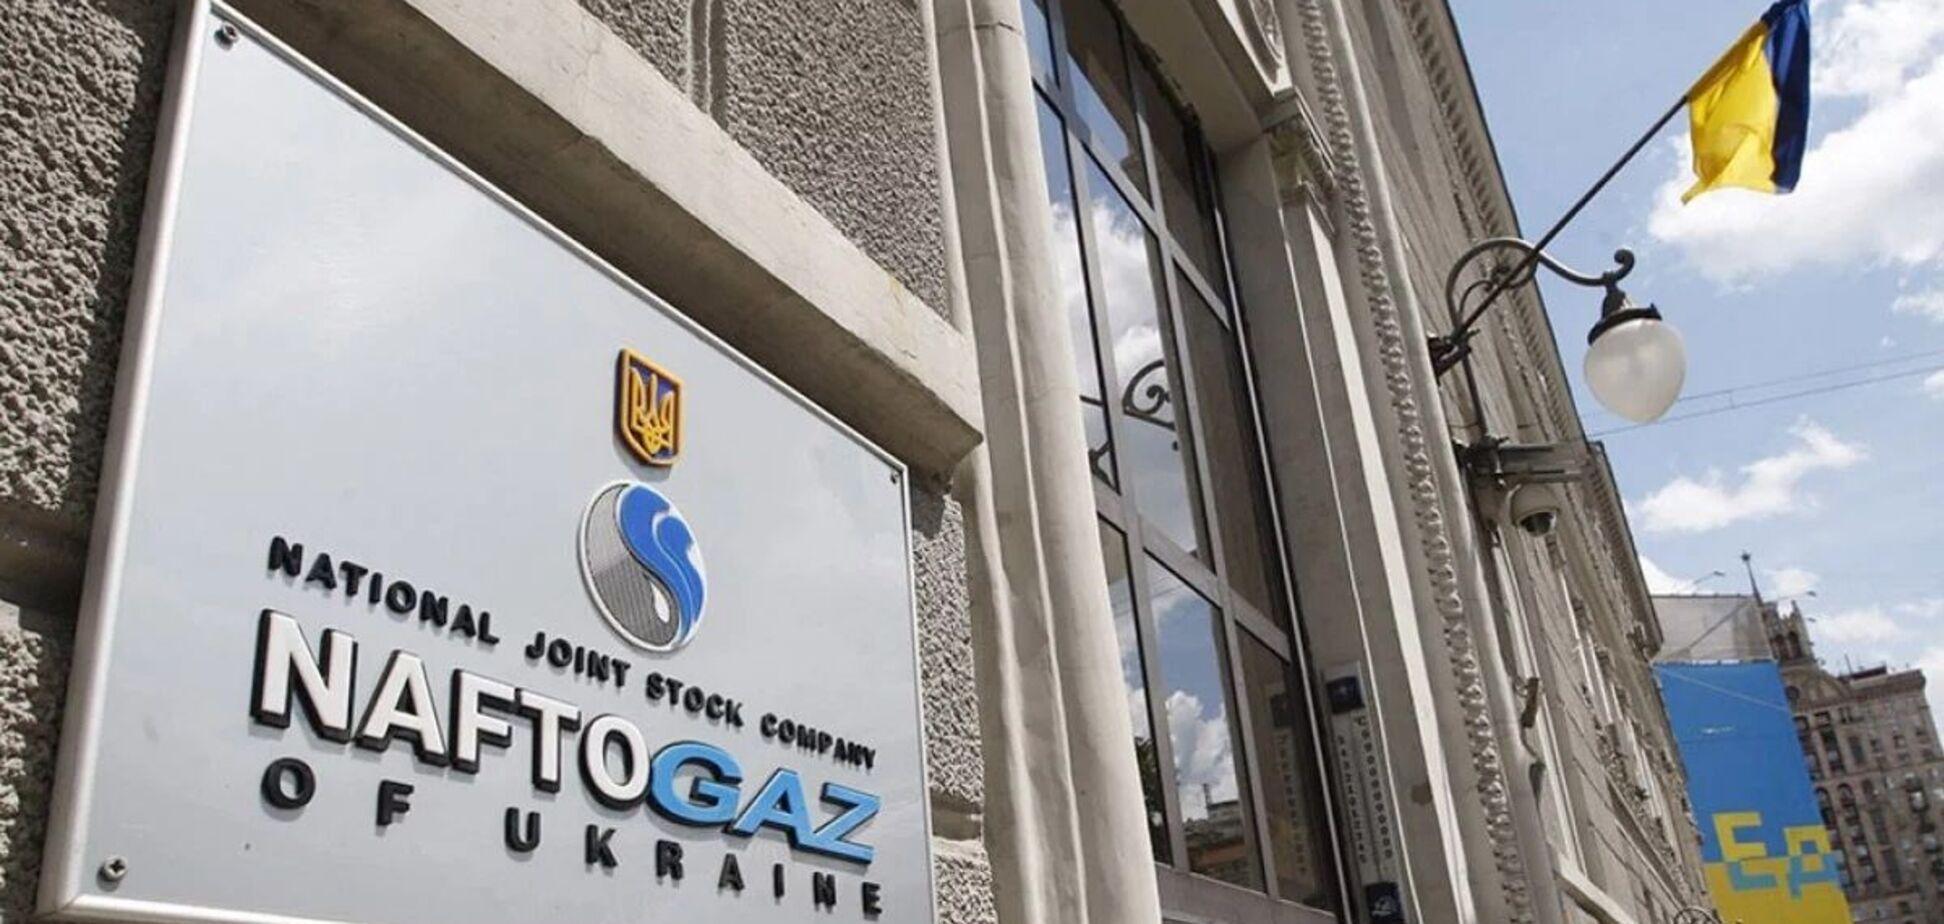 НАК 'Нафтогаз України' втратив 5% видобутку природного газу через лобіювання інтересів Пінчука